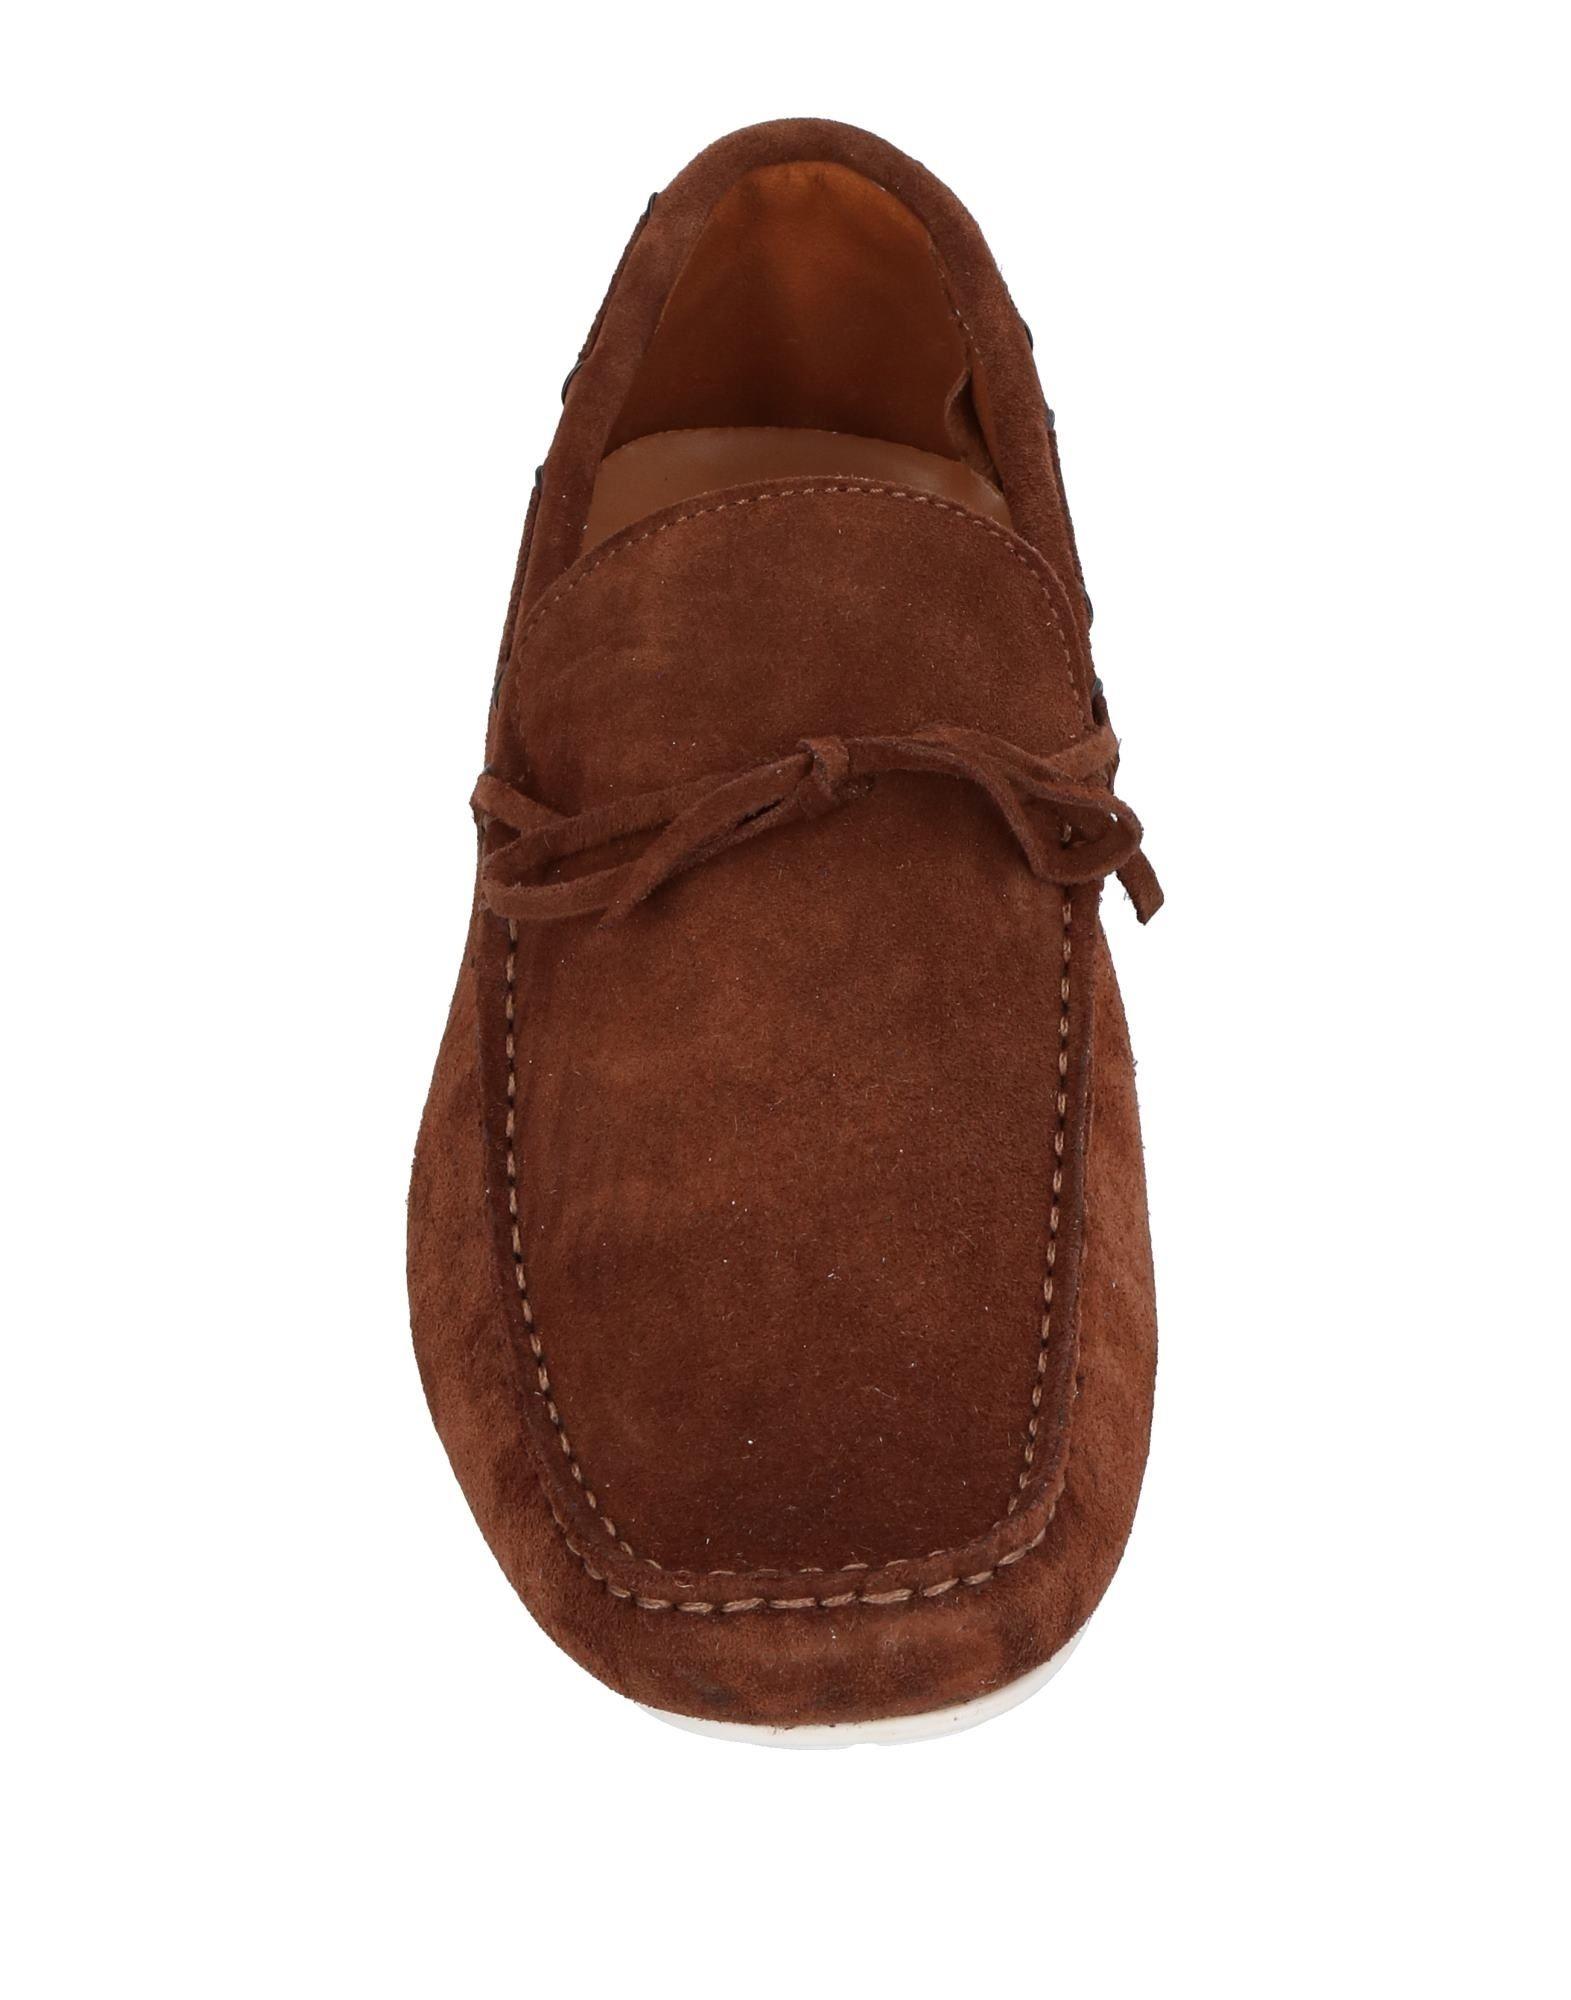 Cantarelli Mokassins Herren  11375221OX Schuhe Heiße Schuhe 11375221OX 7b734d